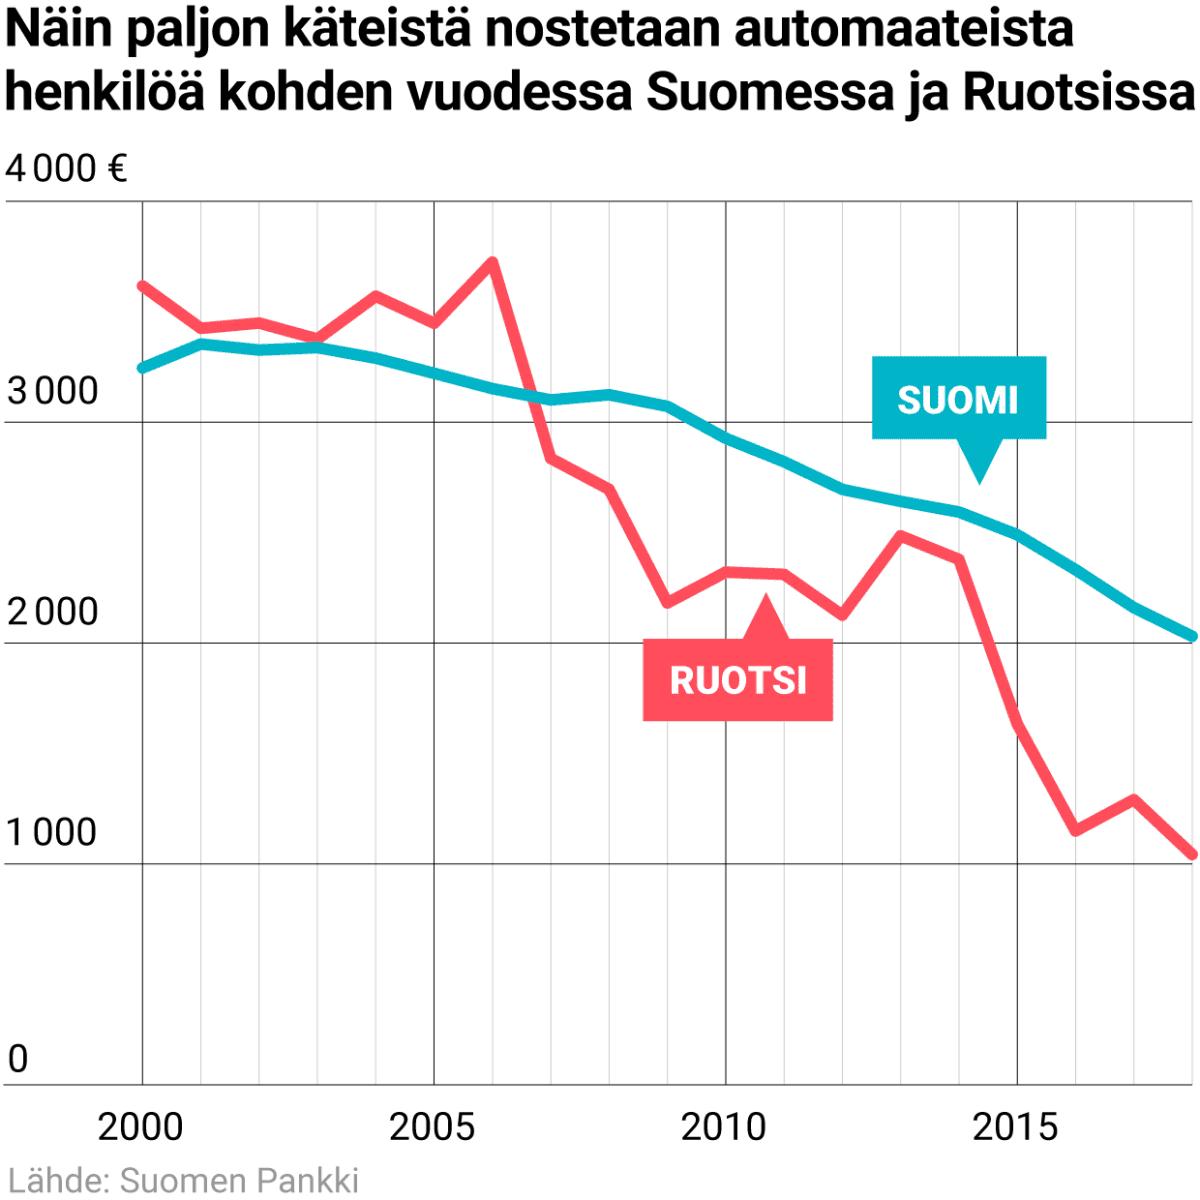 Näin paljon käteistä nostetaan automaateista henkilöä kohden vuodessa Suomessa ja Ruotsissa